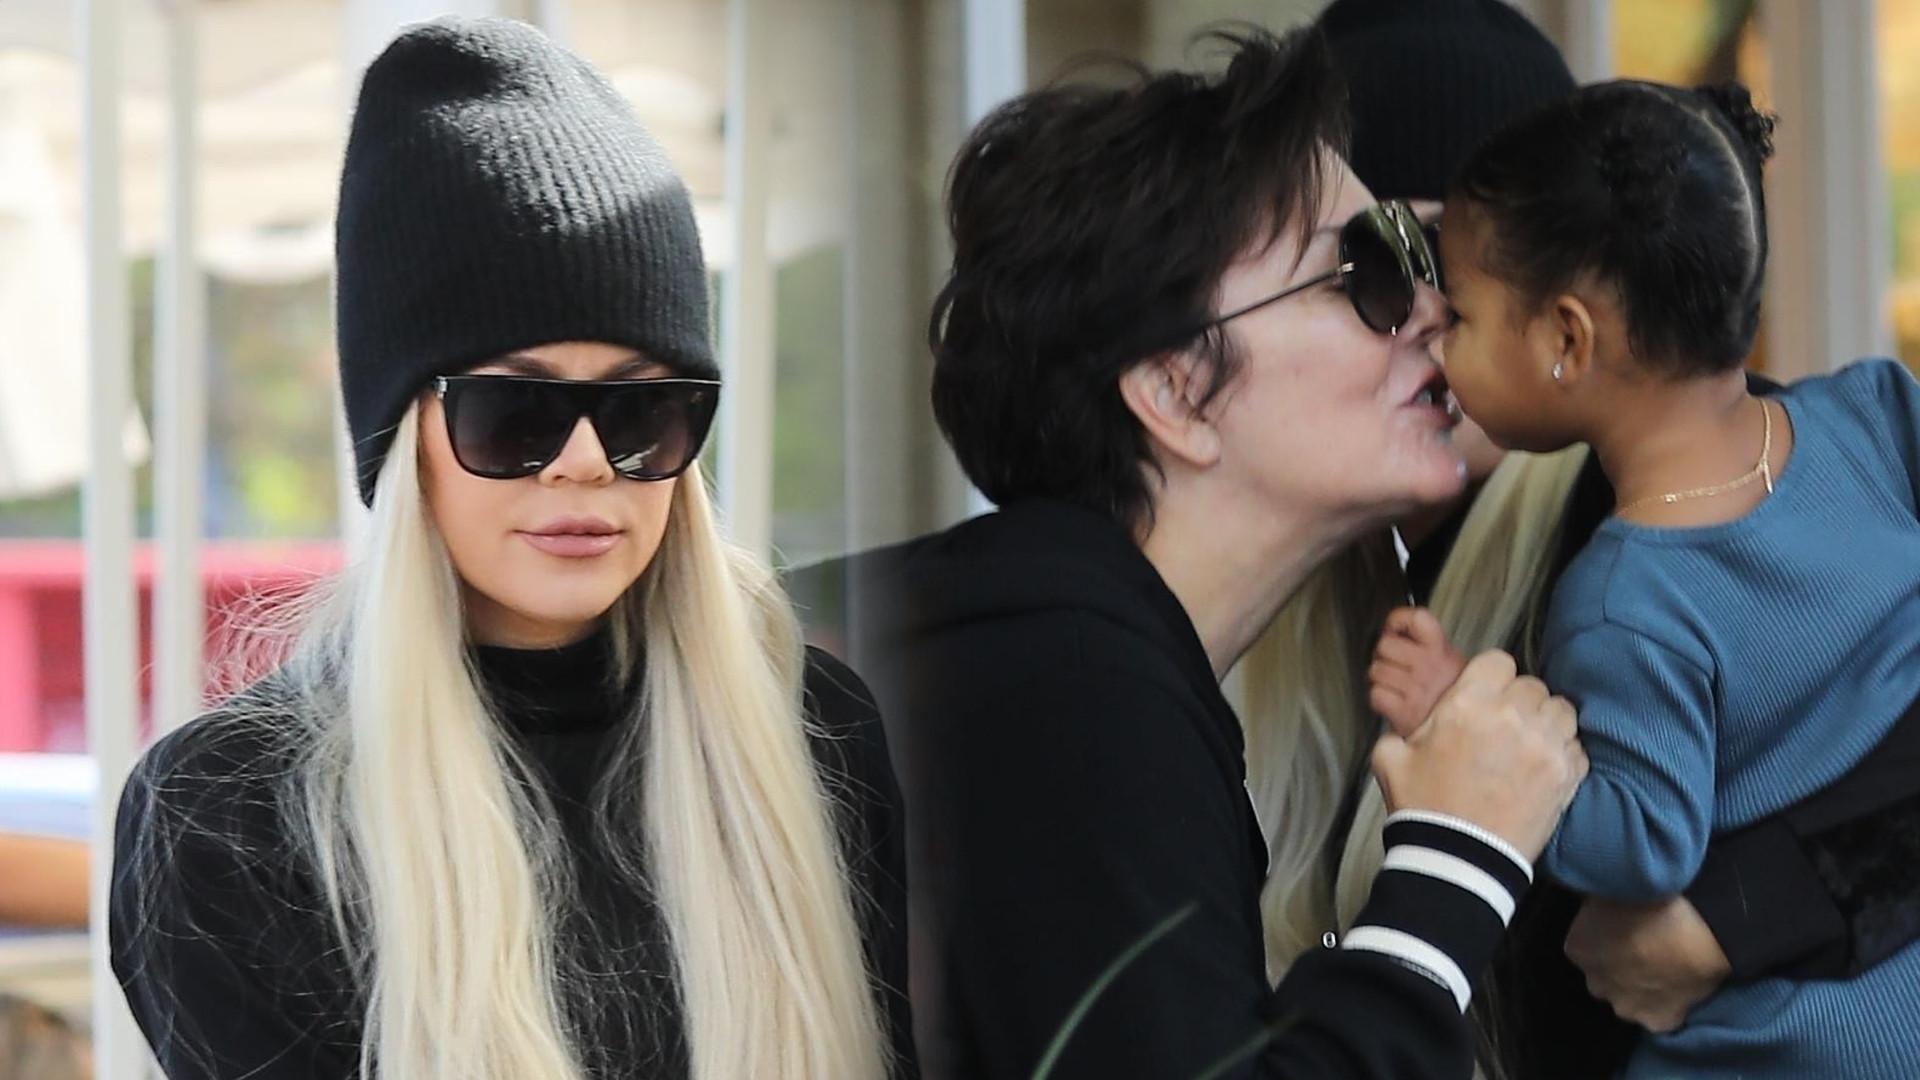 Khloe Kardashian z mamą i córką na targu (ZDJĘCIA)